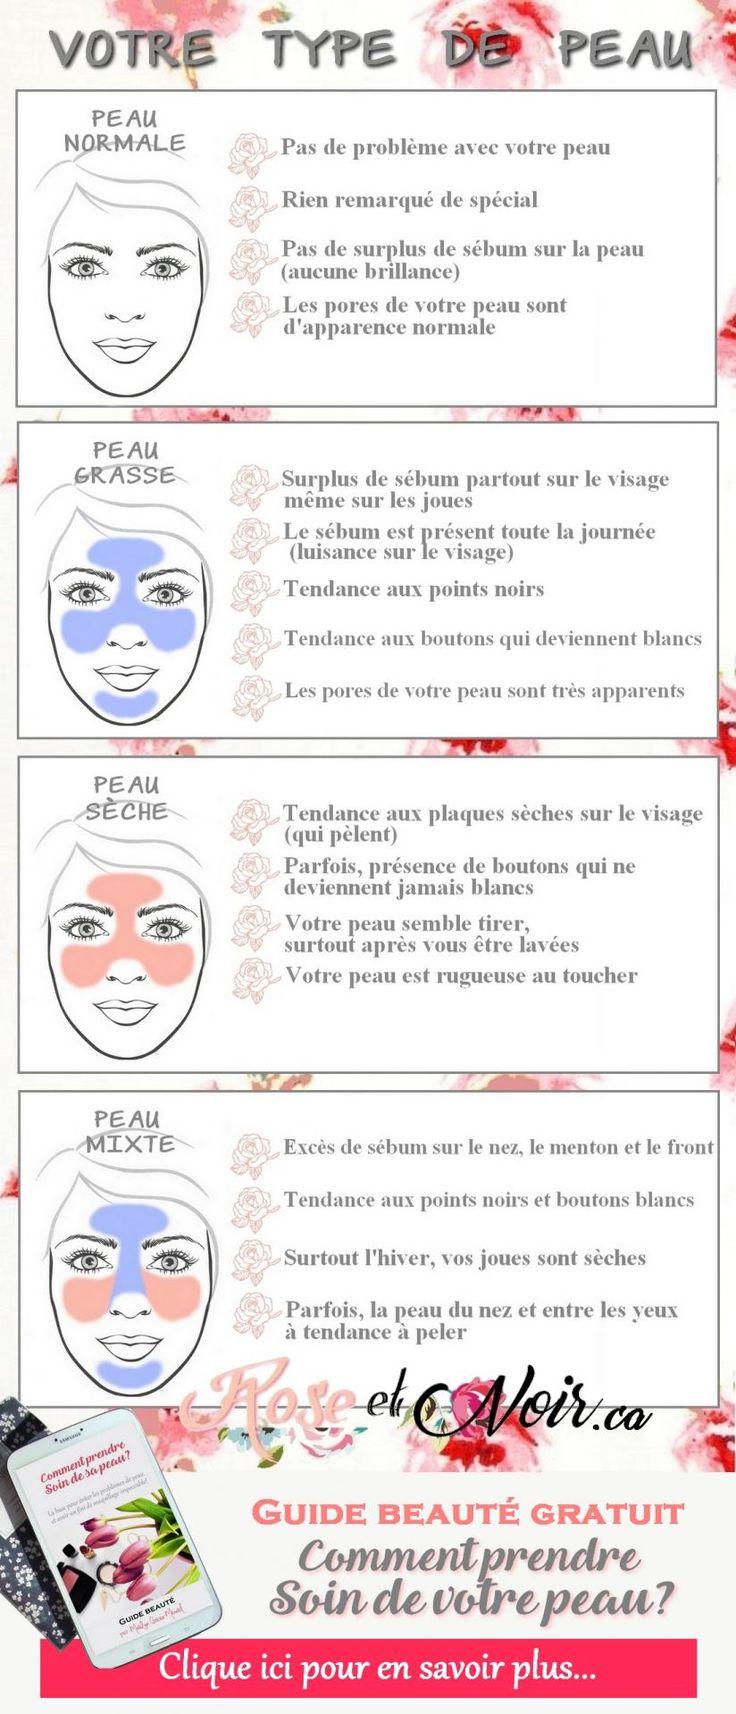 Tu veux connaître ton type de peau et apprendre à utiliser les bons produits pour te peau? Clique sur l'image pour en savoir plus! roseetnoir.ca